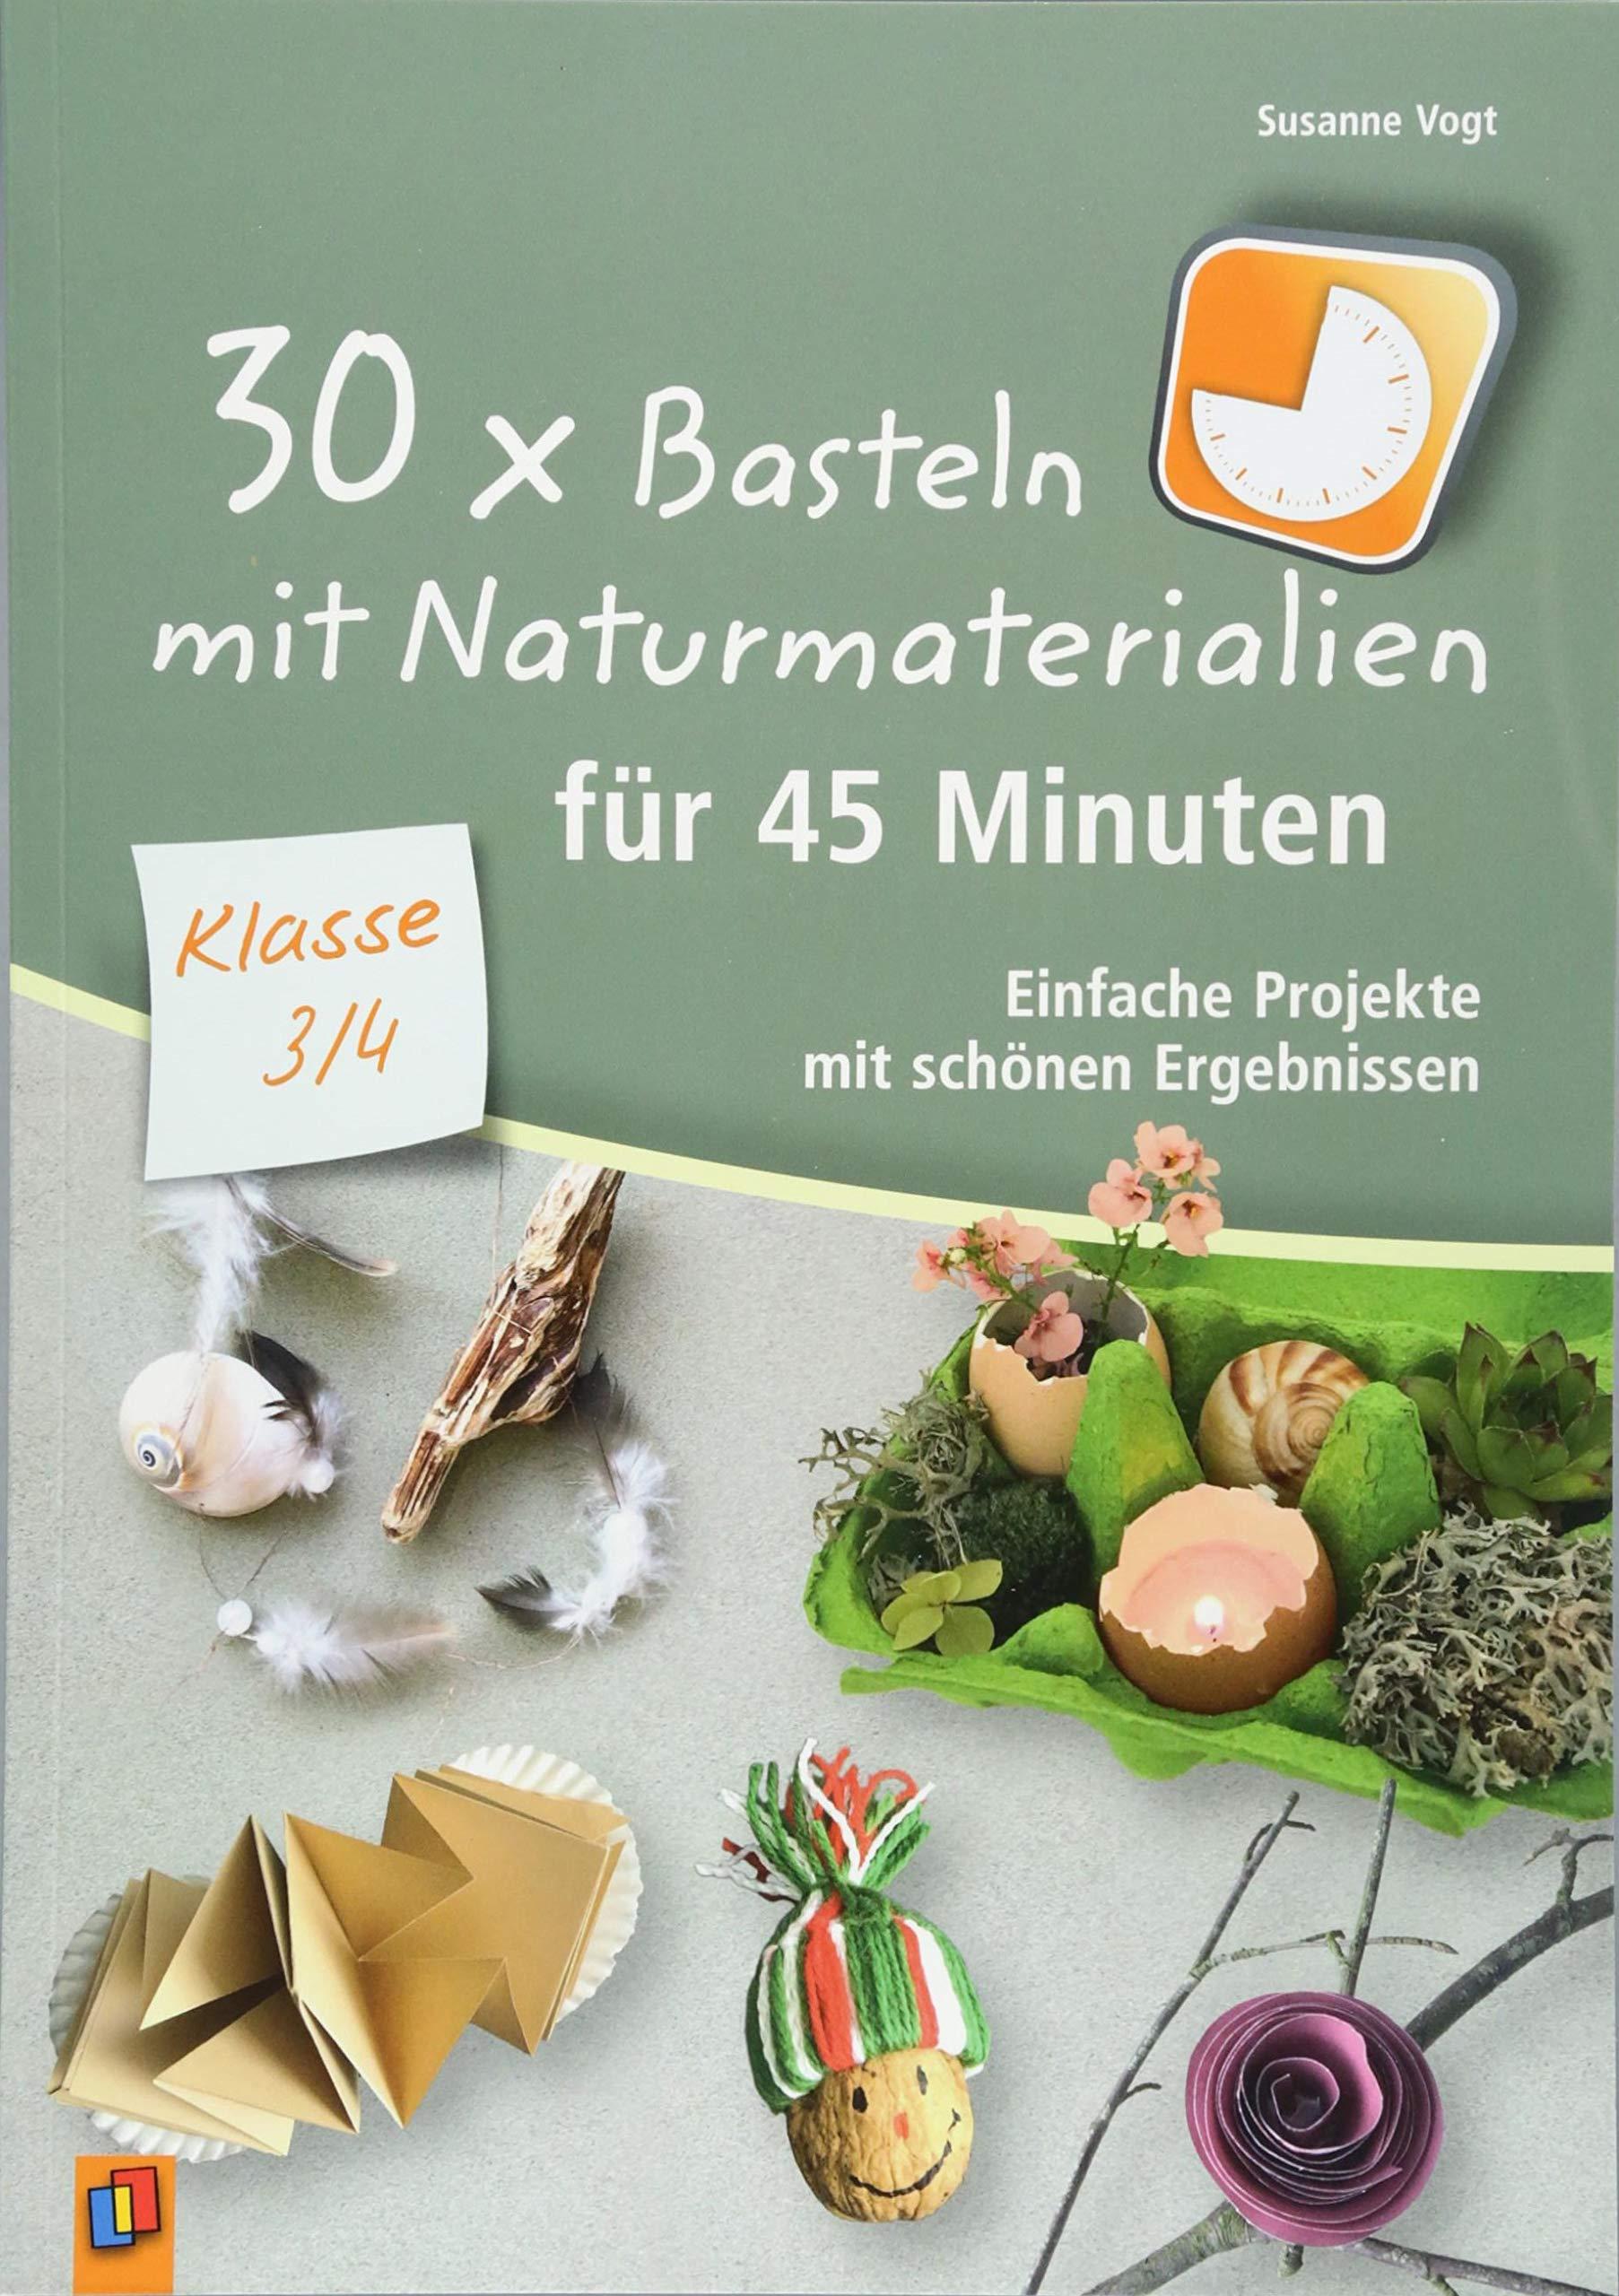 Weihnachtsbasteln 4 Klasse.30 X Basteln Mit Naturmaterialien Für 45 Minuten Klasse 3 4